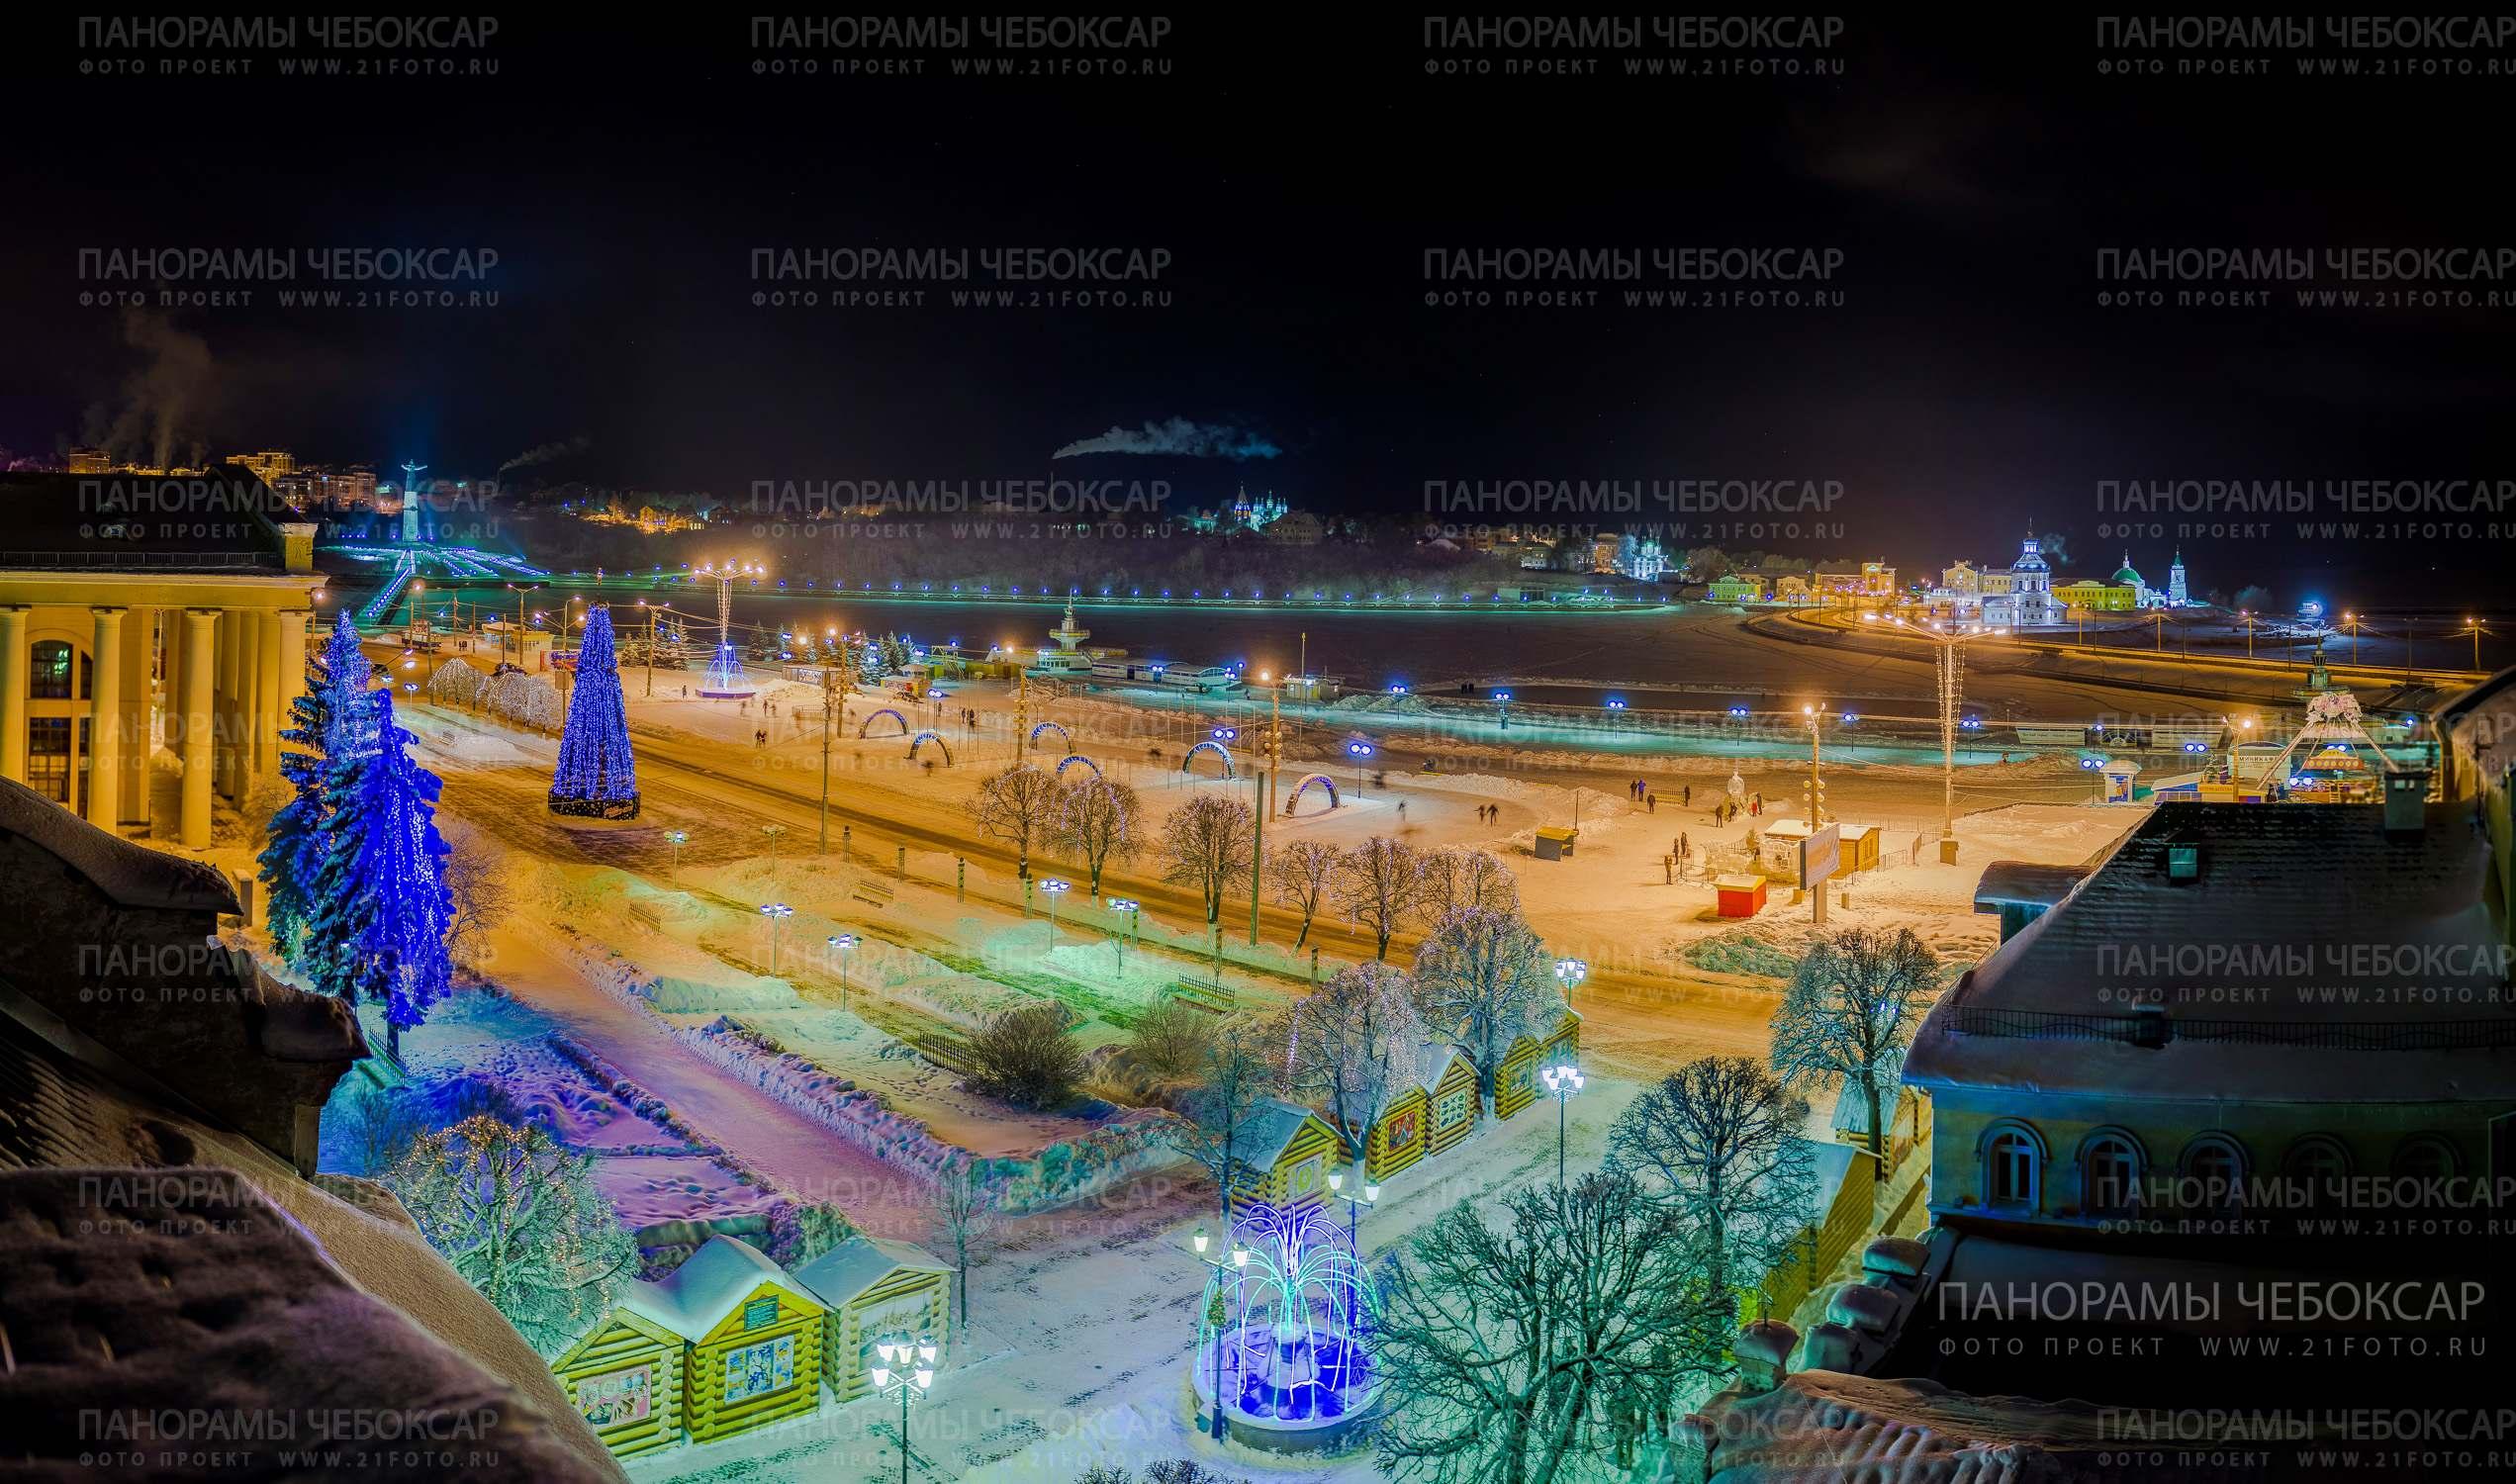 Услуги девушек город чебоксары 16 фотография